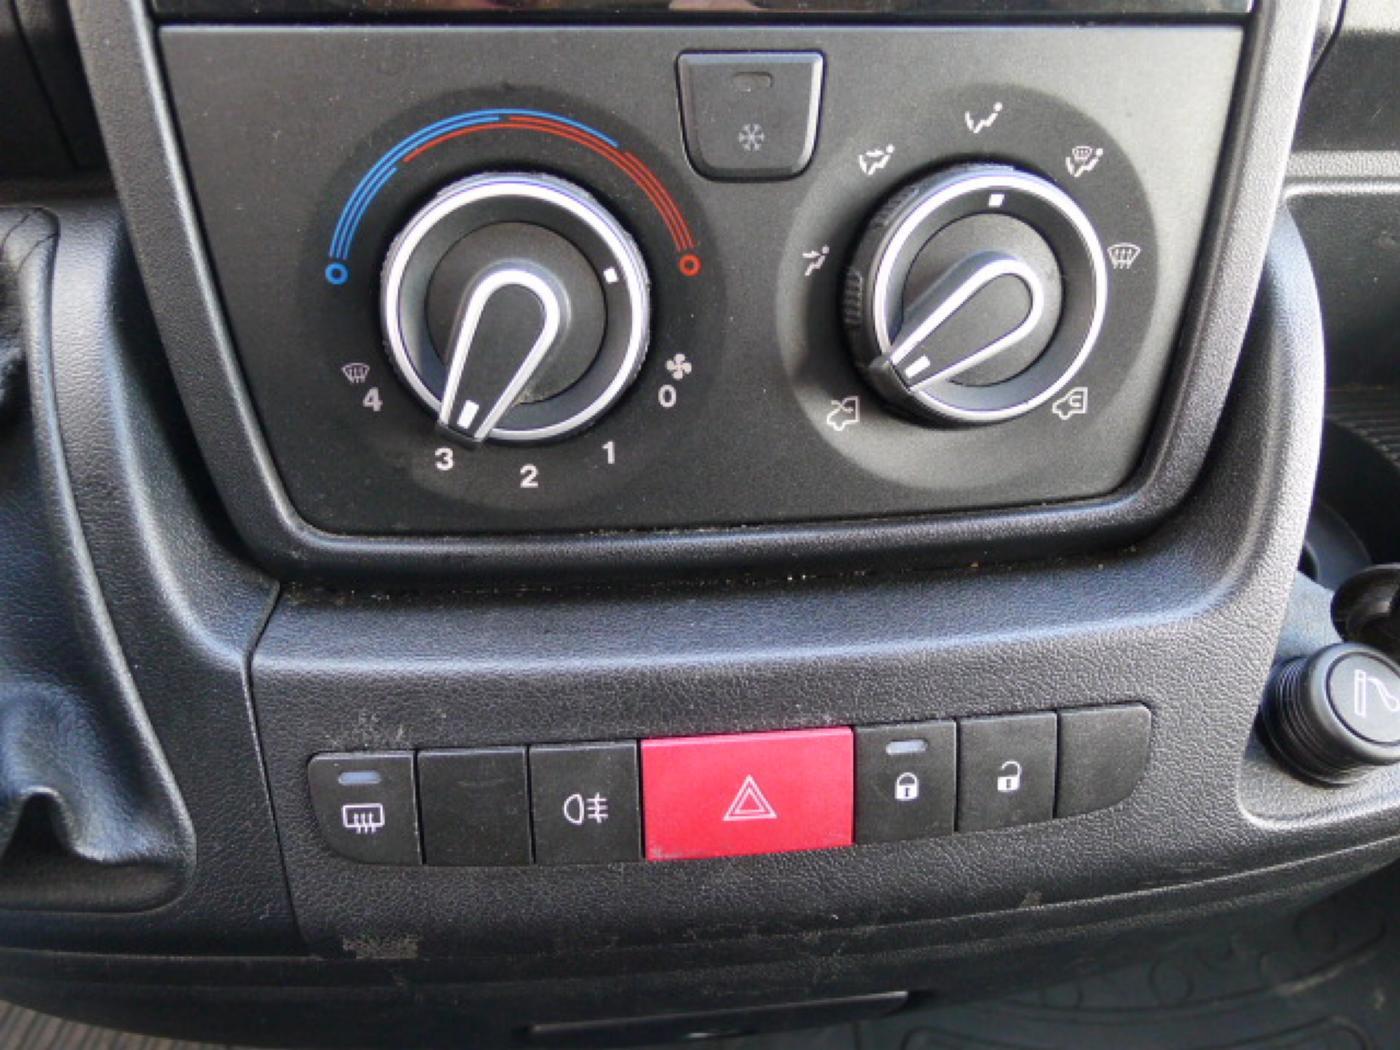 Peugeot Boxer 2,2 HDI Maxi L3H2 +Klima Akce!!! - 13